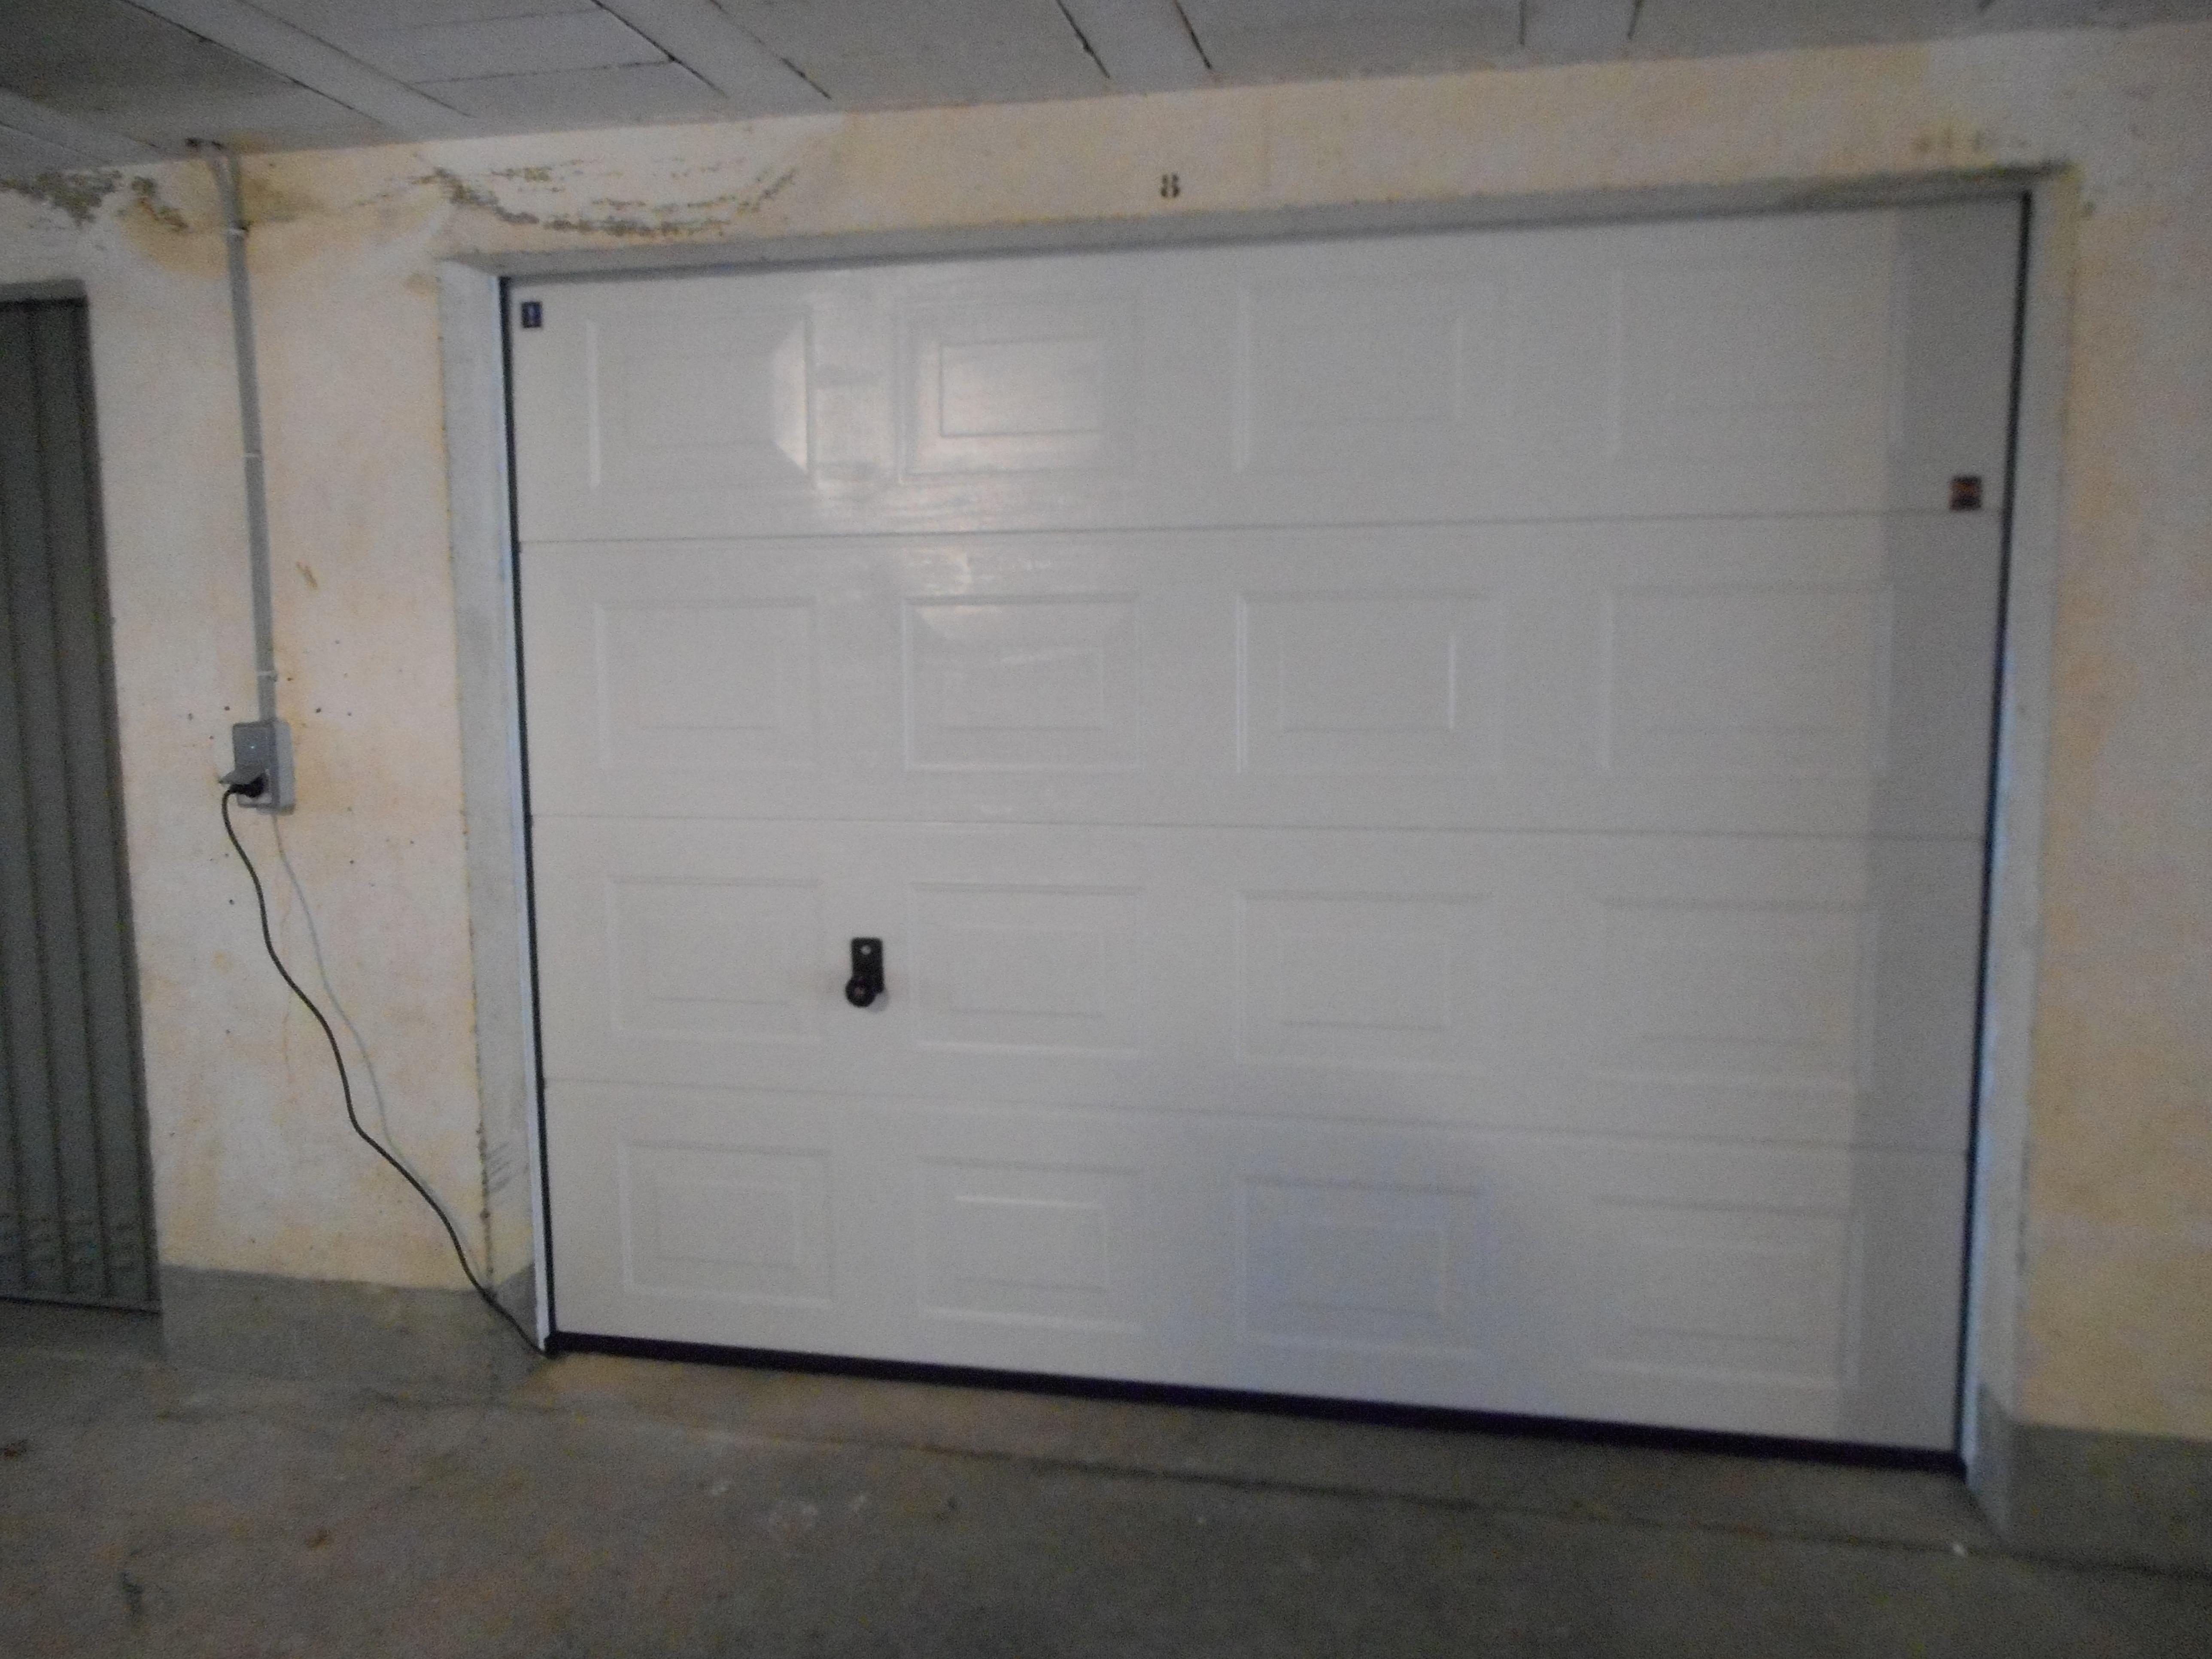 changer une porte de garage excellent nombre de ressorts pour une porte de garage basculante. Black Bedroom Furniture Sets. Home Design Ideas